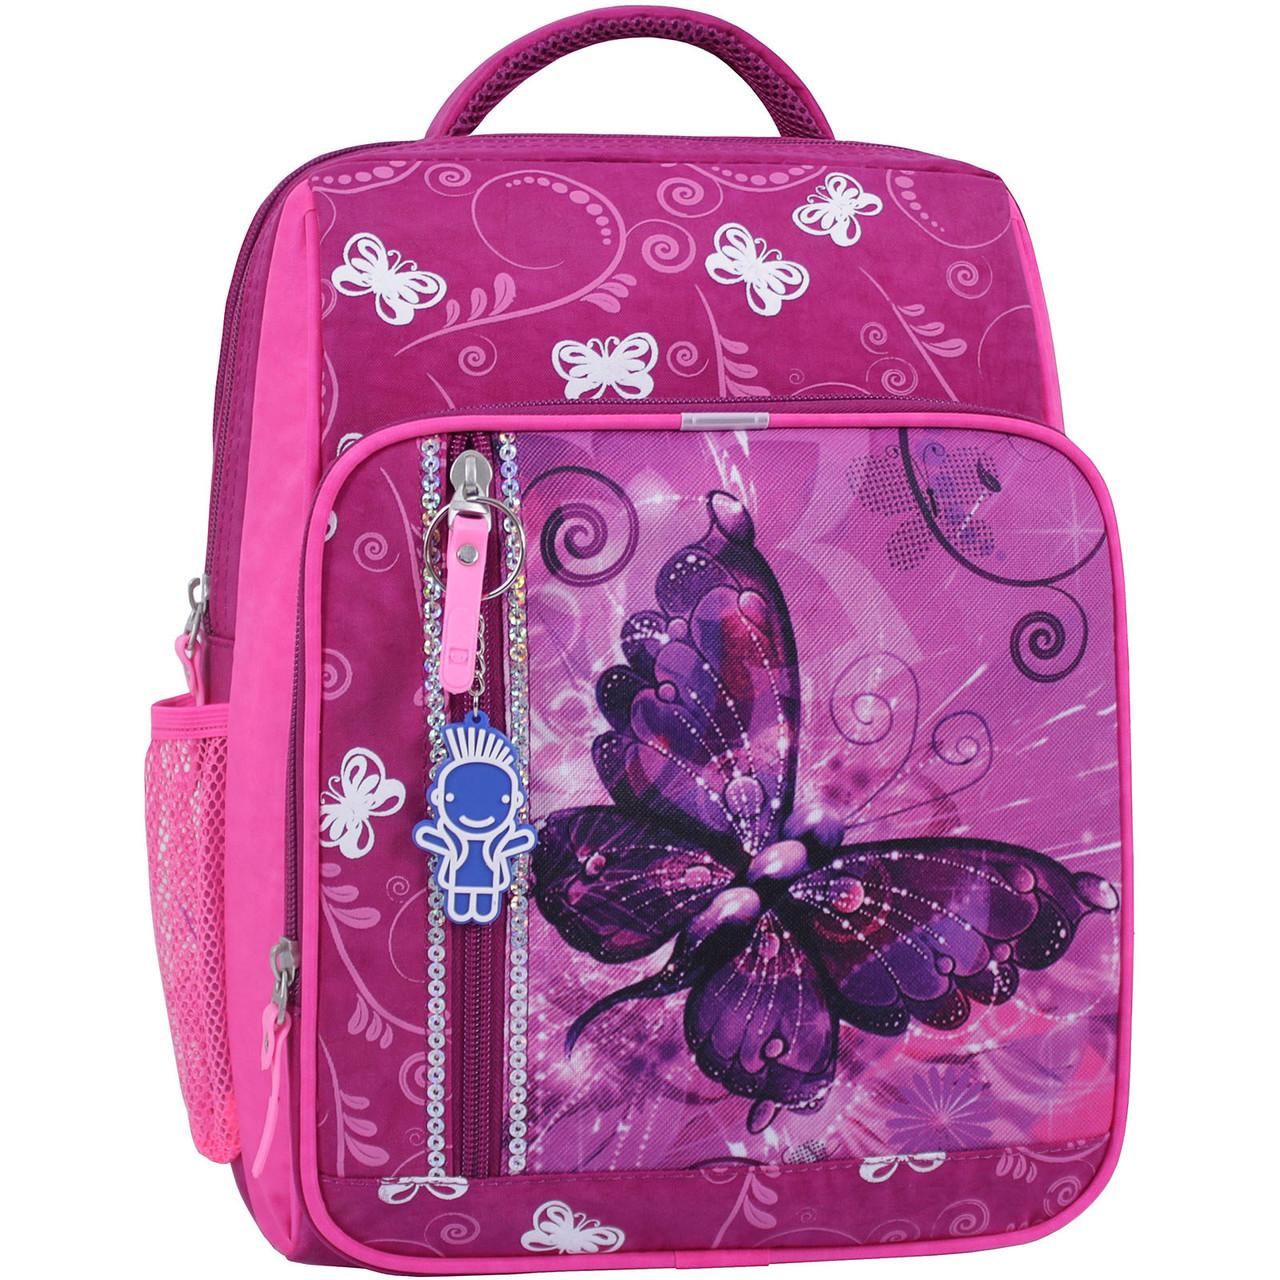 Рюкзак школьный 8 л. 143 малиновый 615 (0012870)